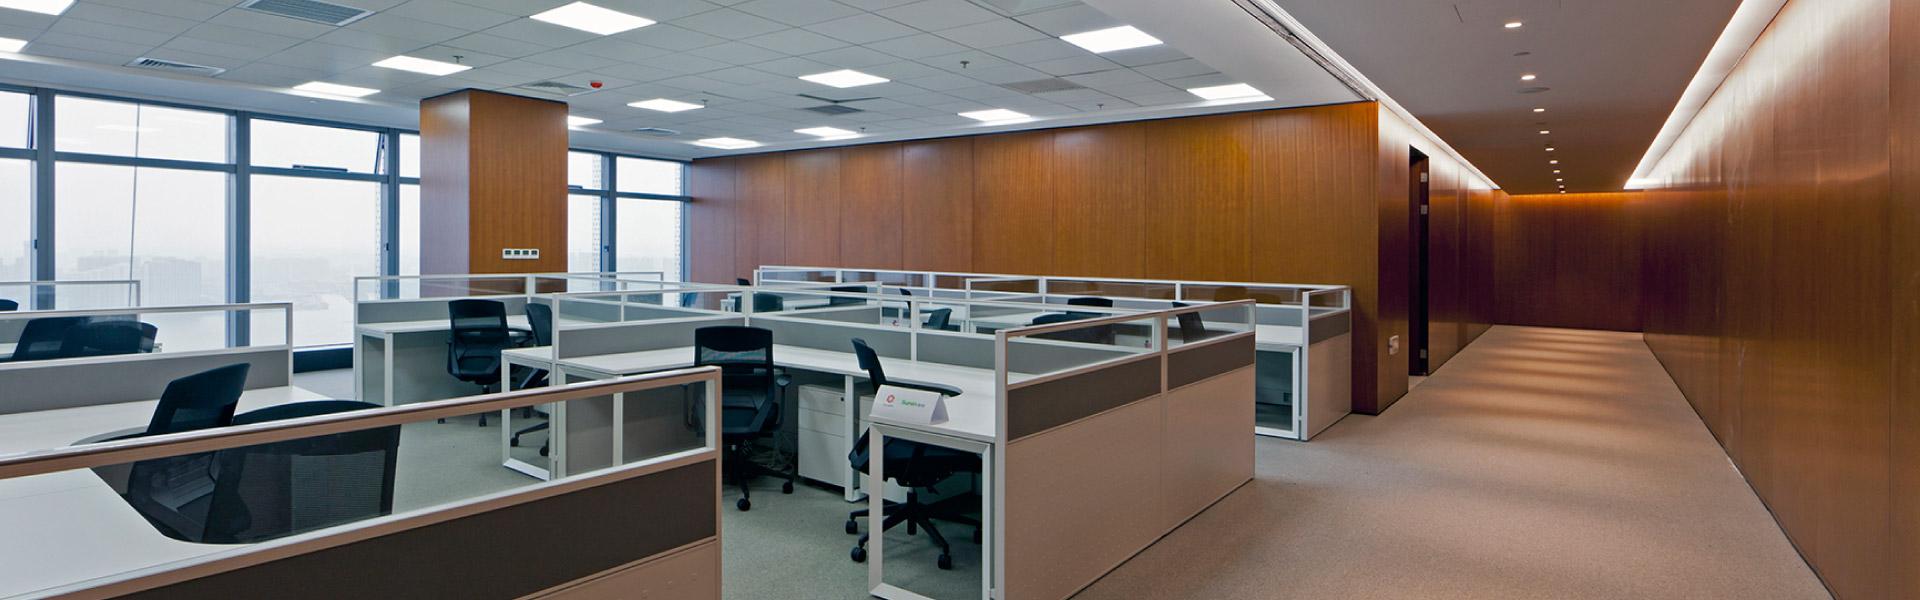 传化集团有序的职员空间 圣奥办公家具设计